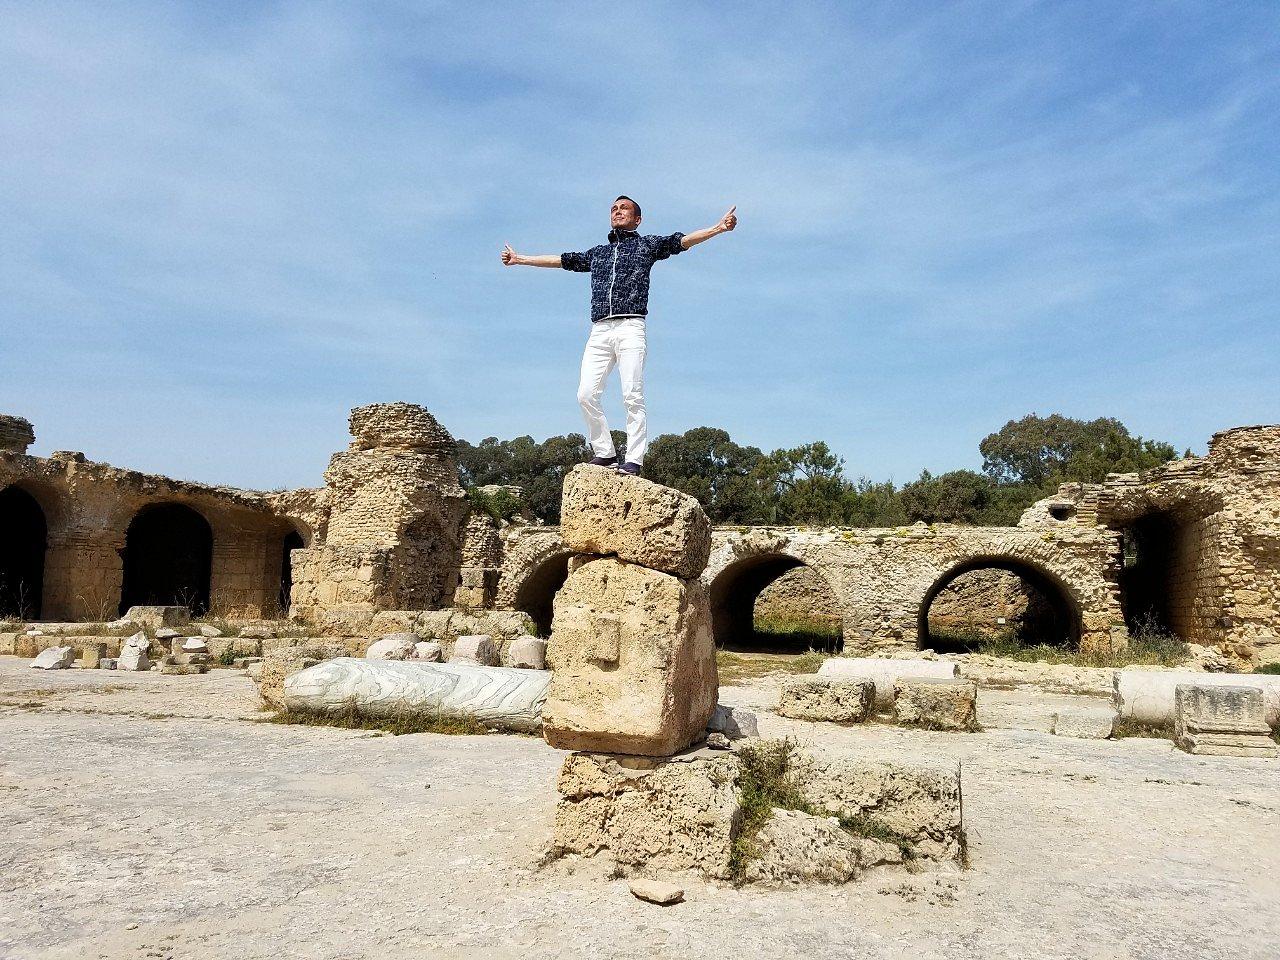 チュニジア:カルタゴ遺跡のアントニヌスの共同浴場内で記念撮影タイム1